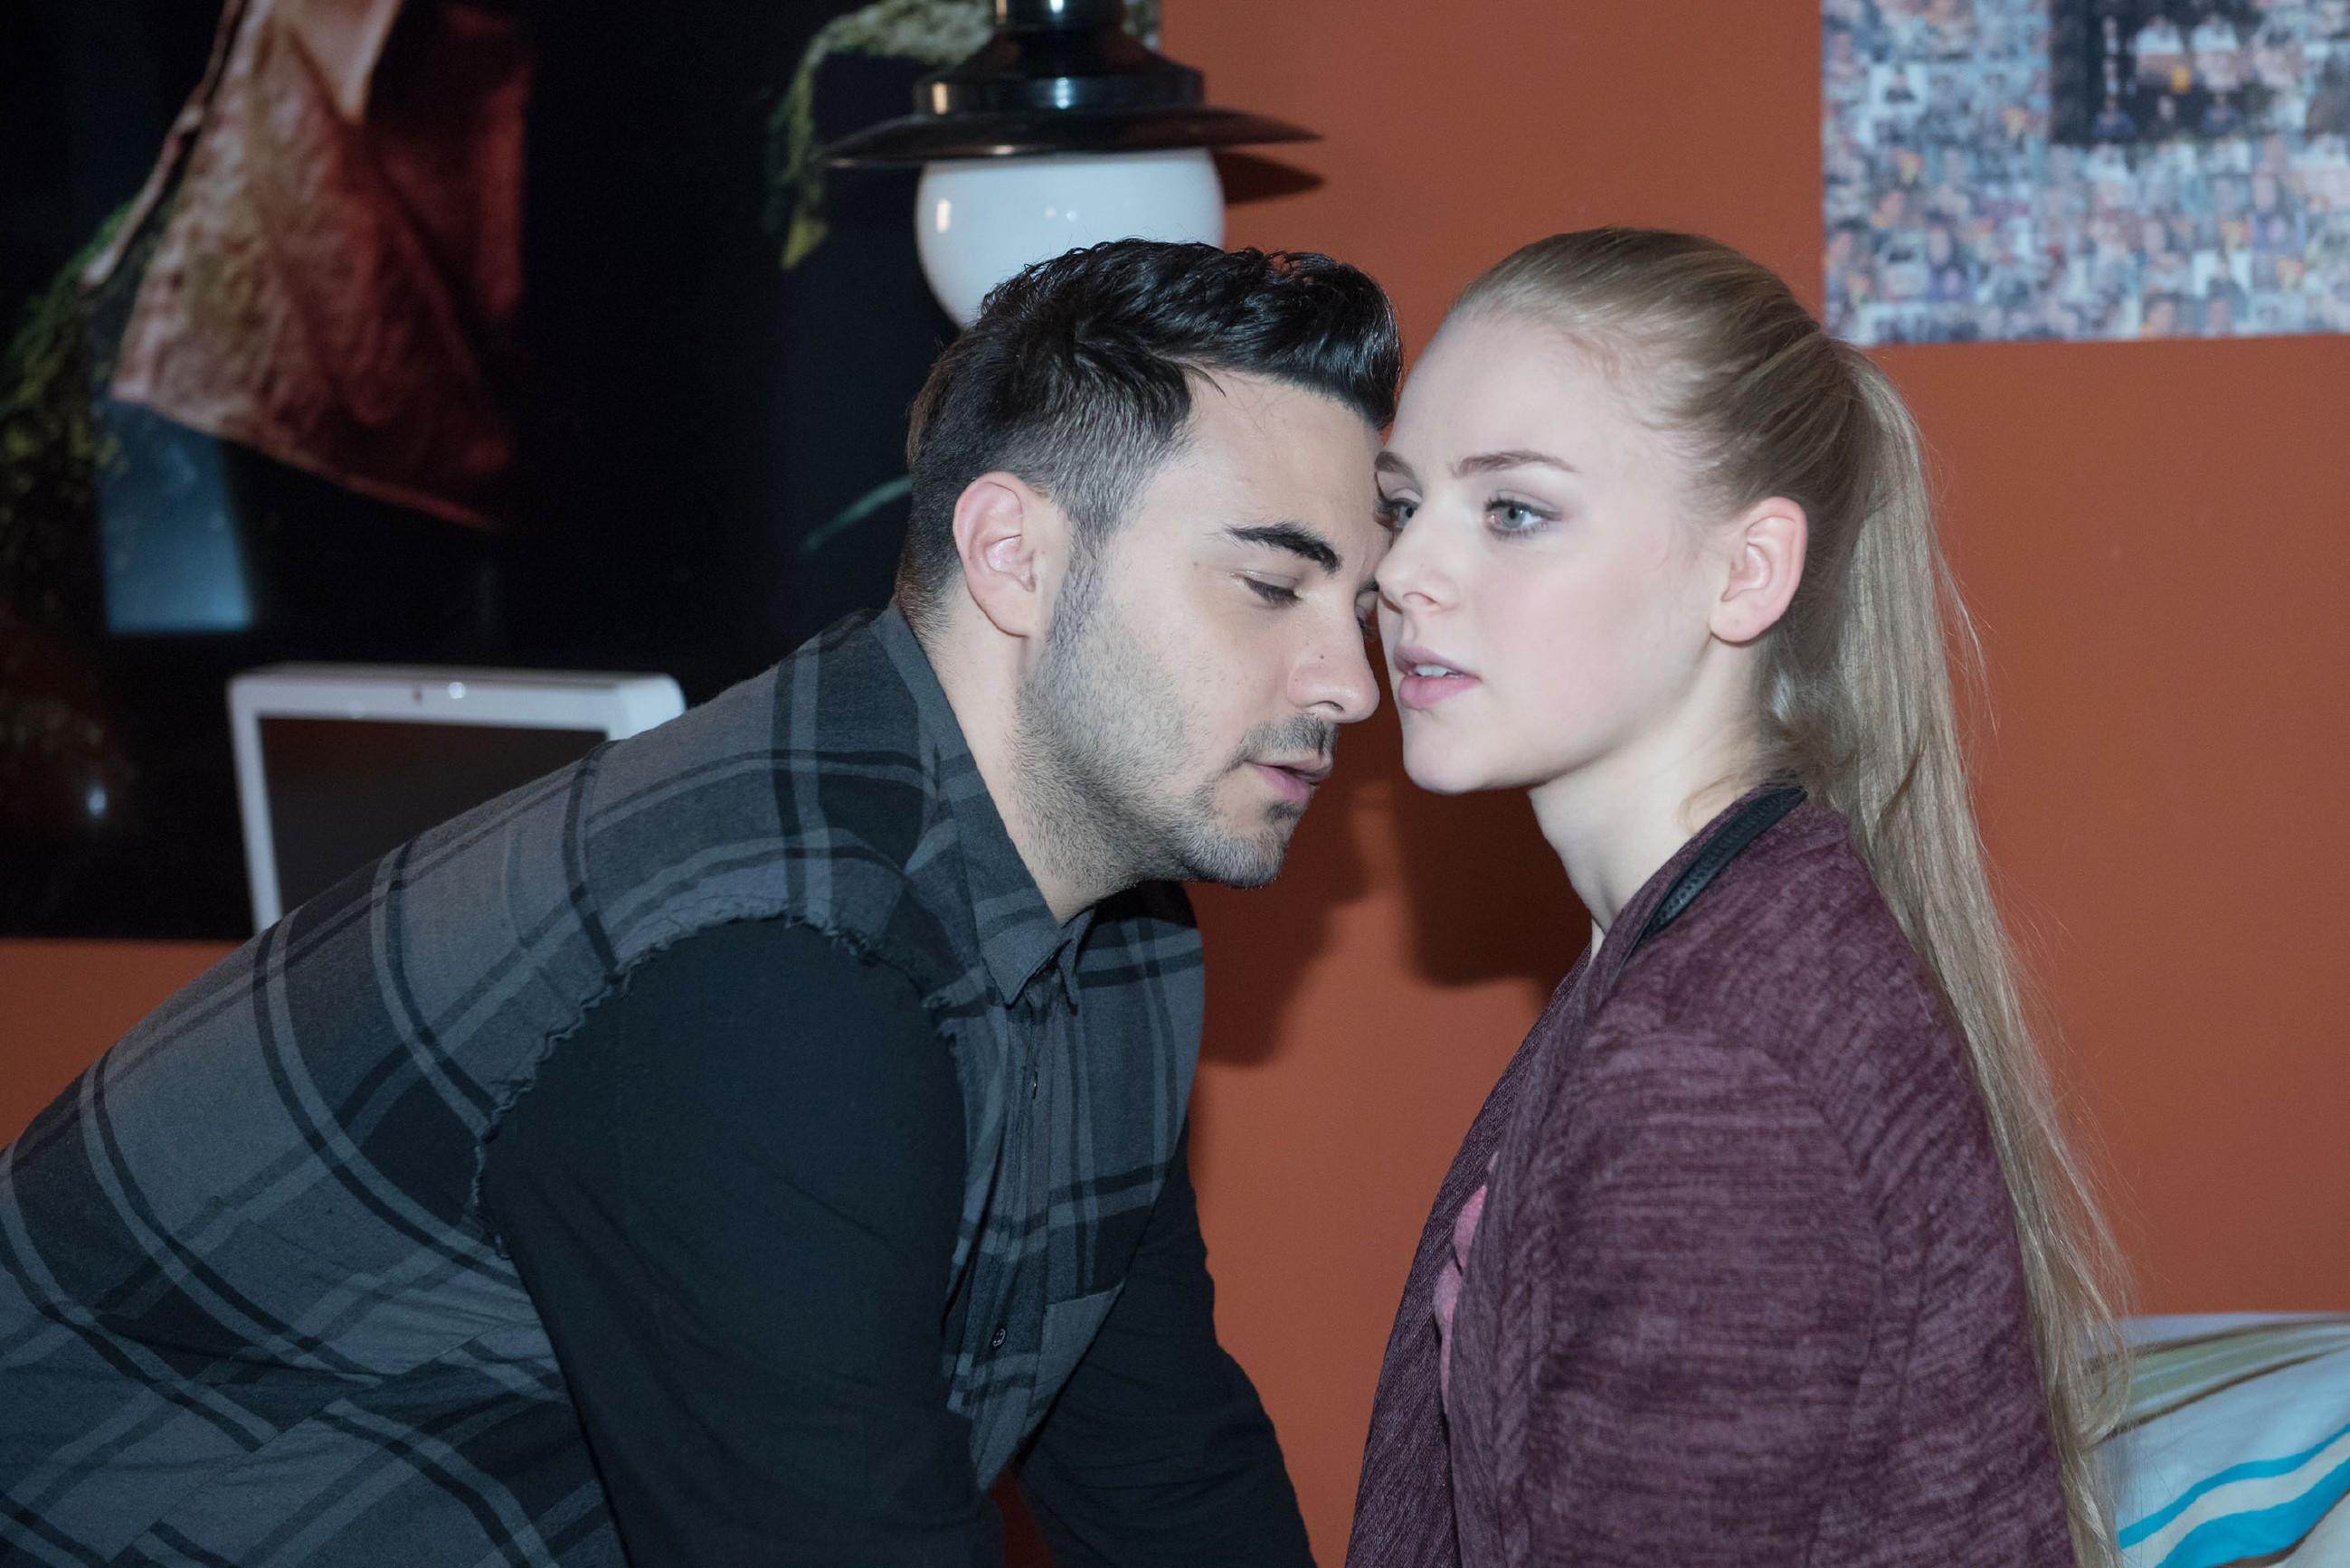 Als es zum ersten Mal zu einem intimen Moment zwischen Easy (Lars Steinhöfel) und Fiona (Olivia Burkhart) kommt, wird Fiona seltsam nervös - mit Liebe und Gefühlen kennt sie sich nicht aus... (Quelle: RTL / Stefan Behrens)